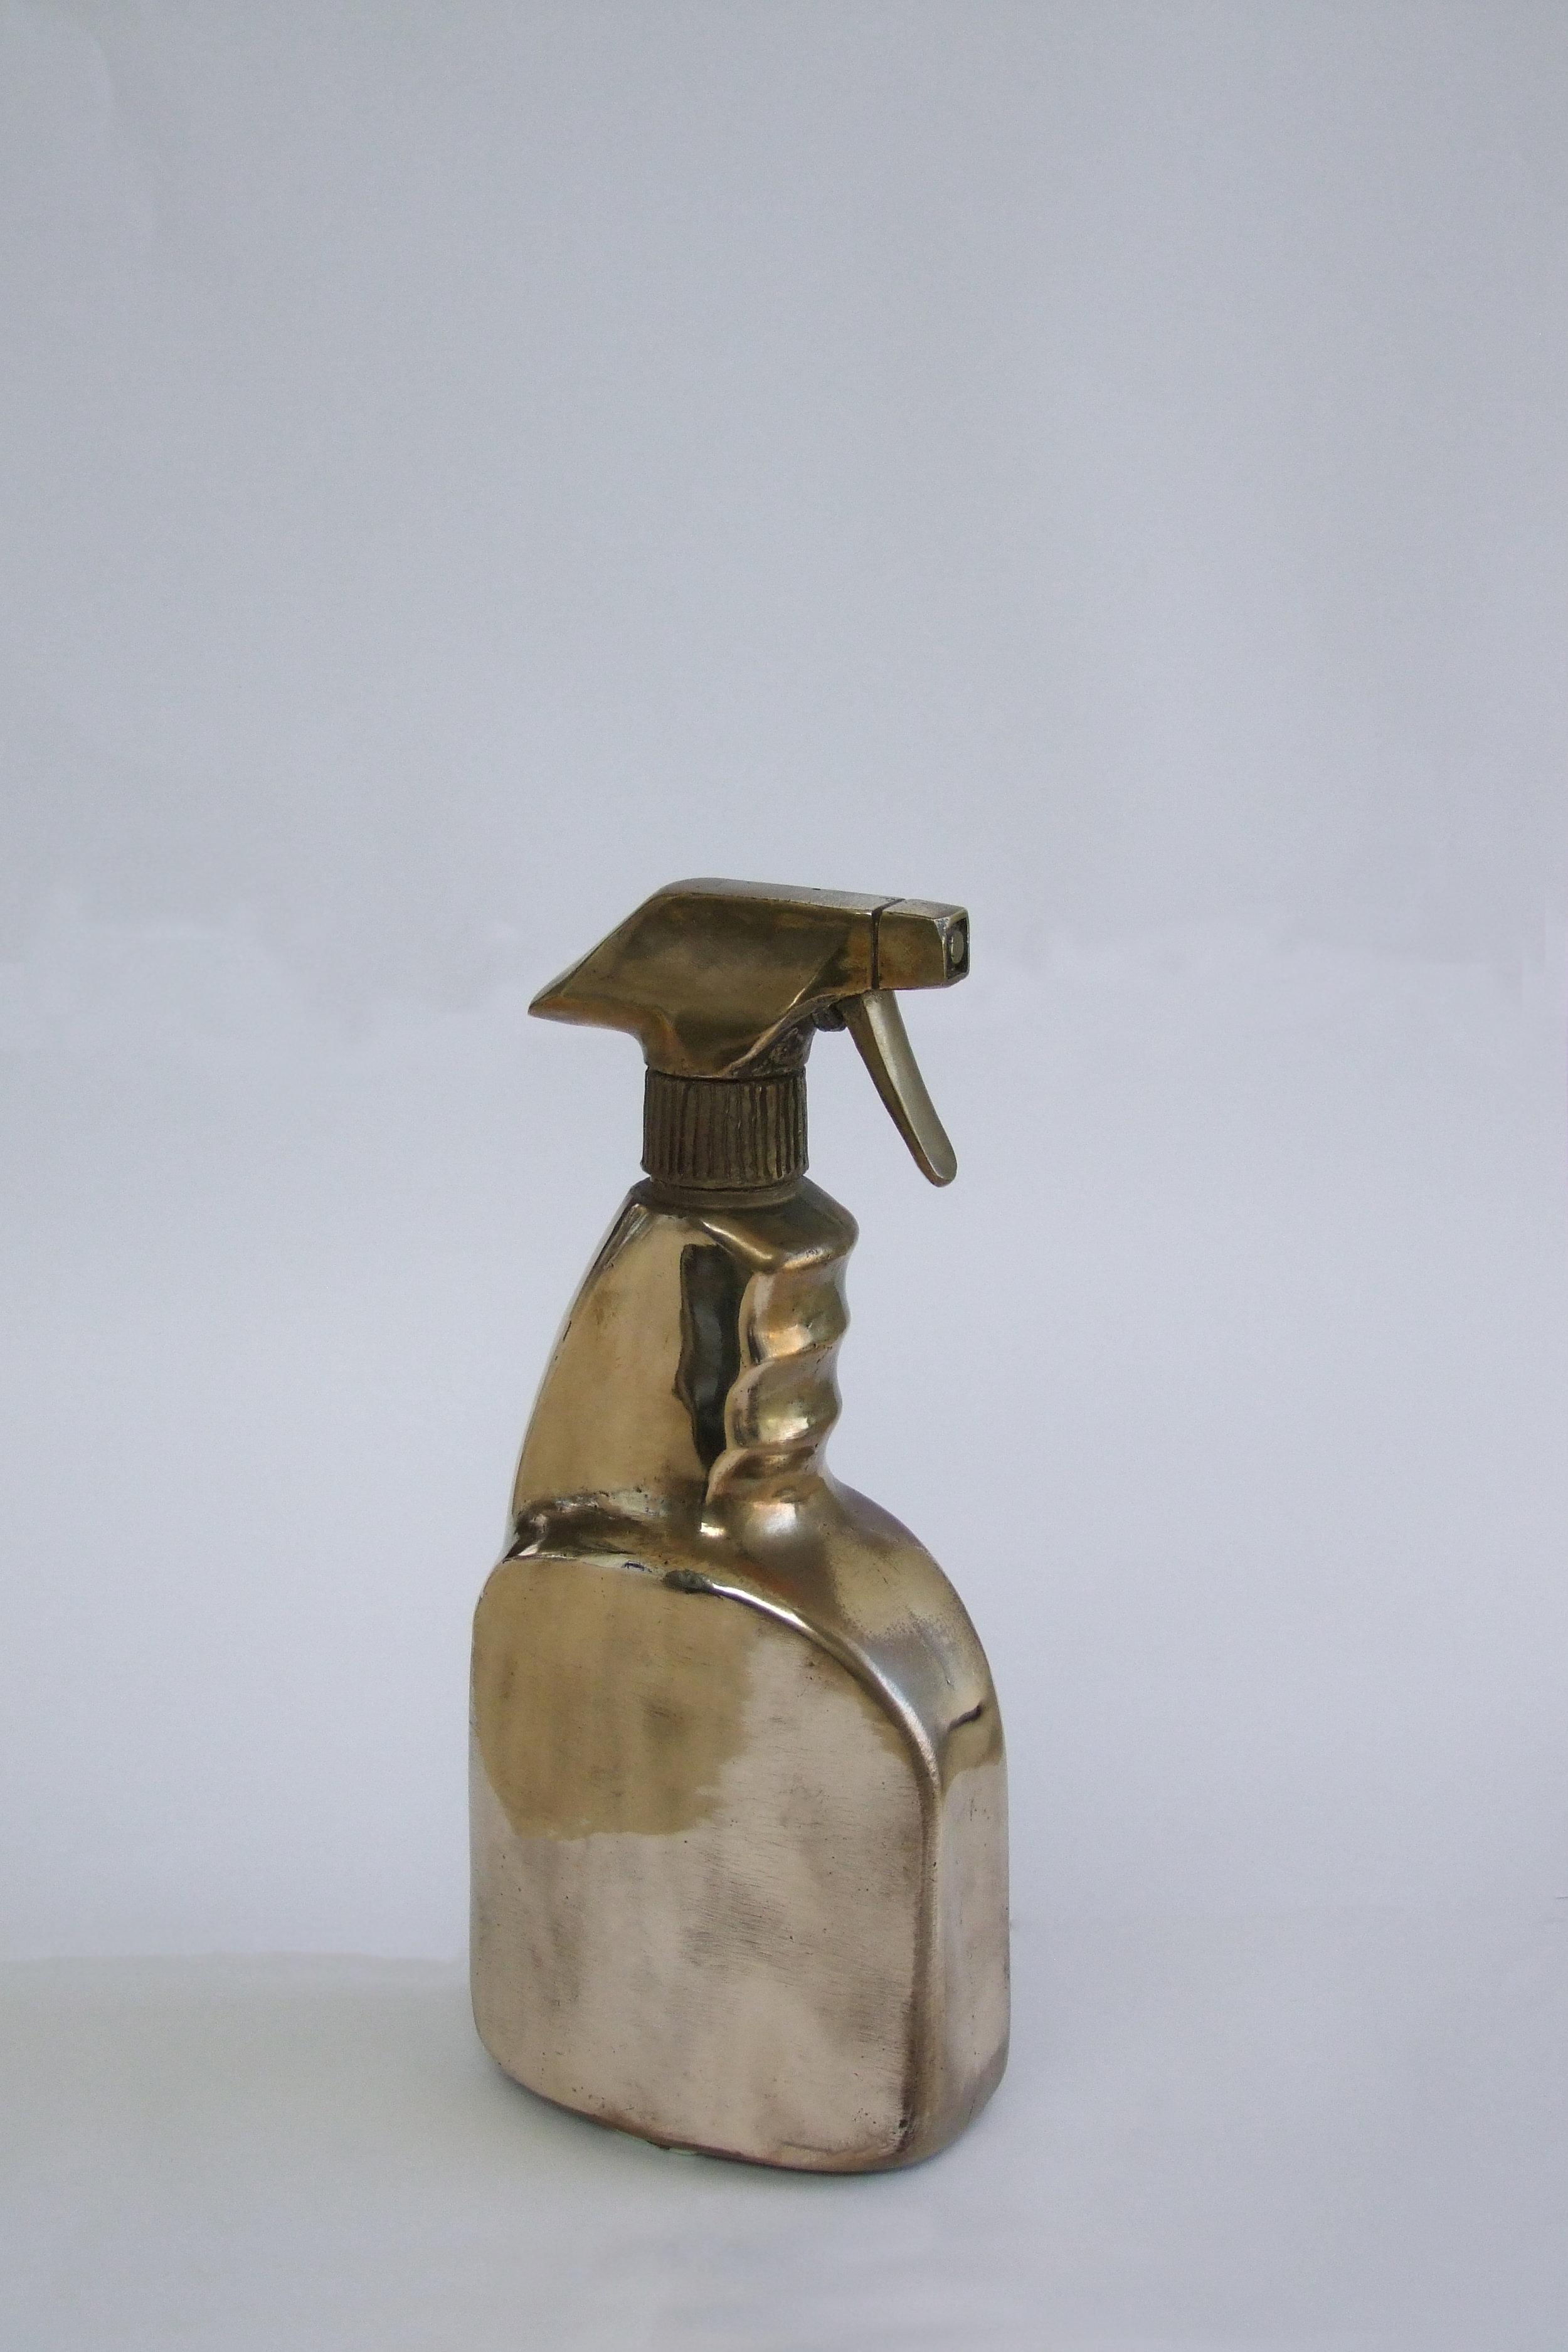 ART SWP - SoWatt-Artwork-Brass-Sculpture-Windex-Bottle-02.jpg